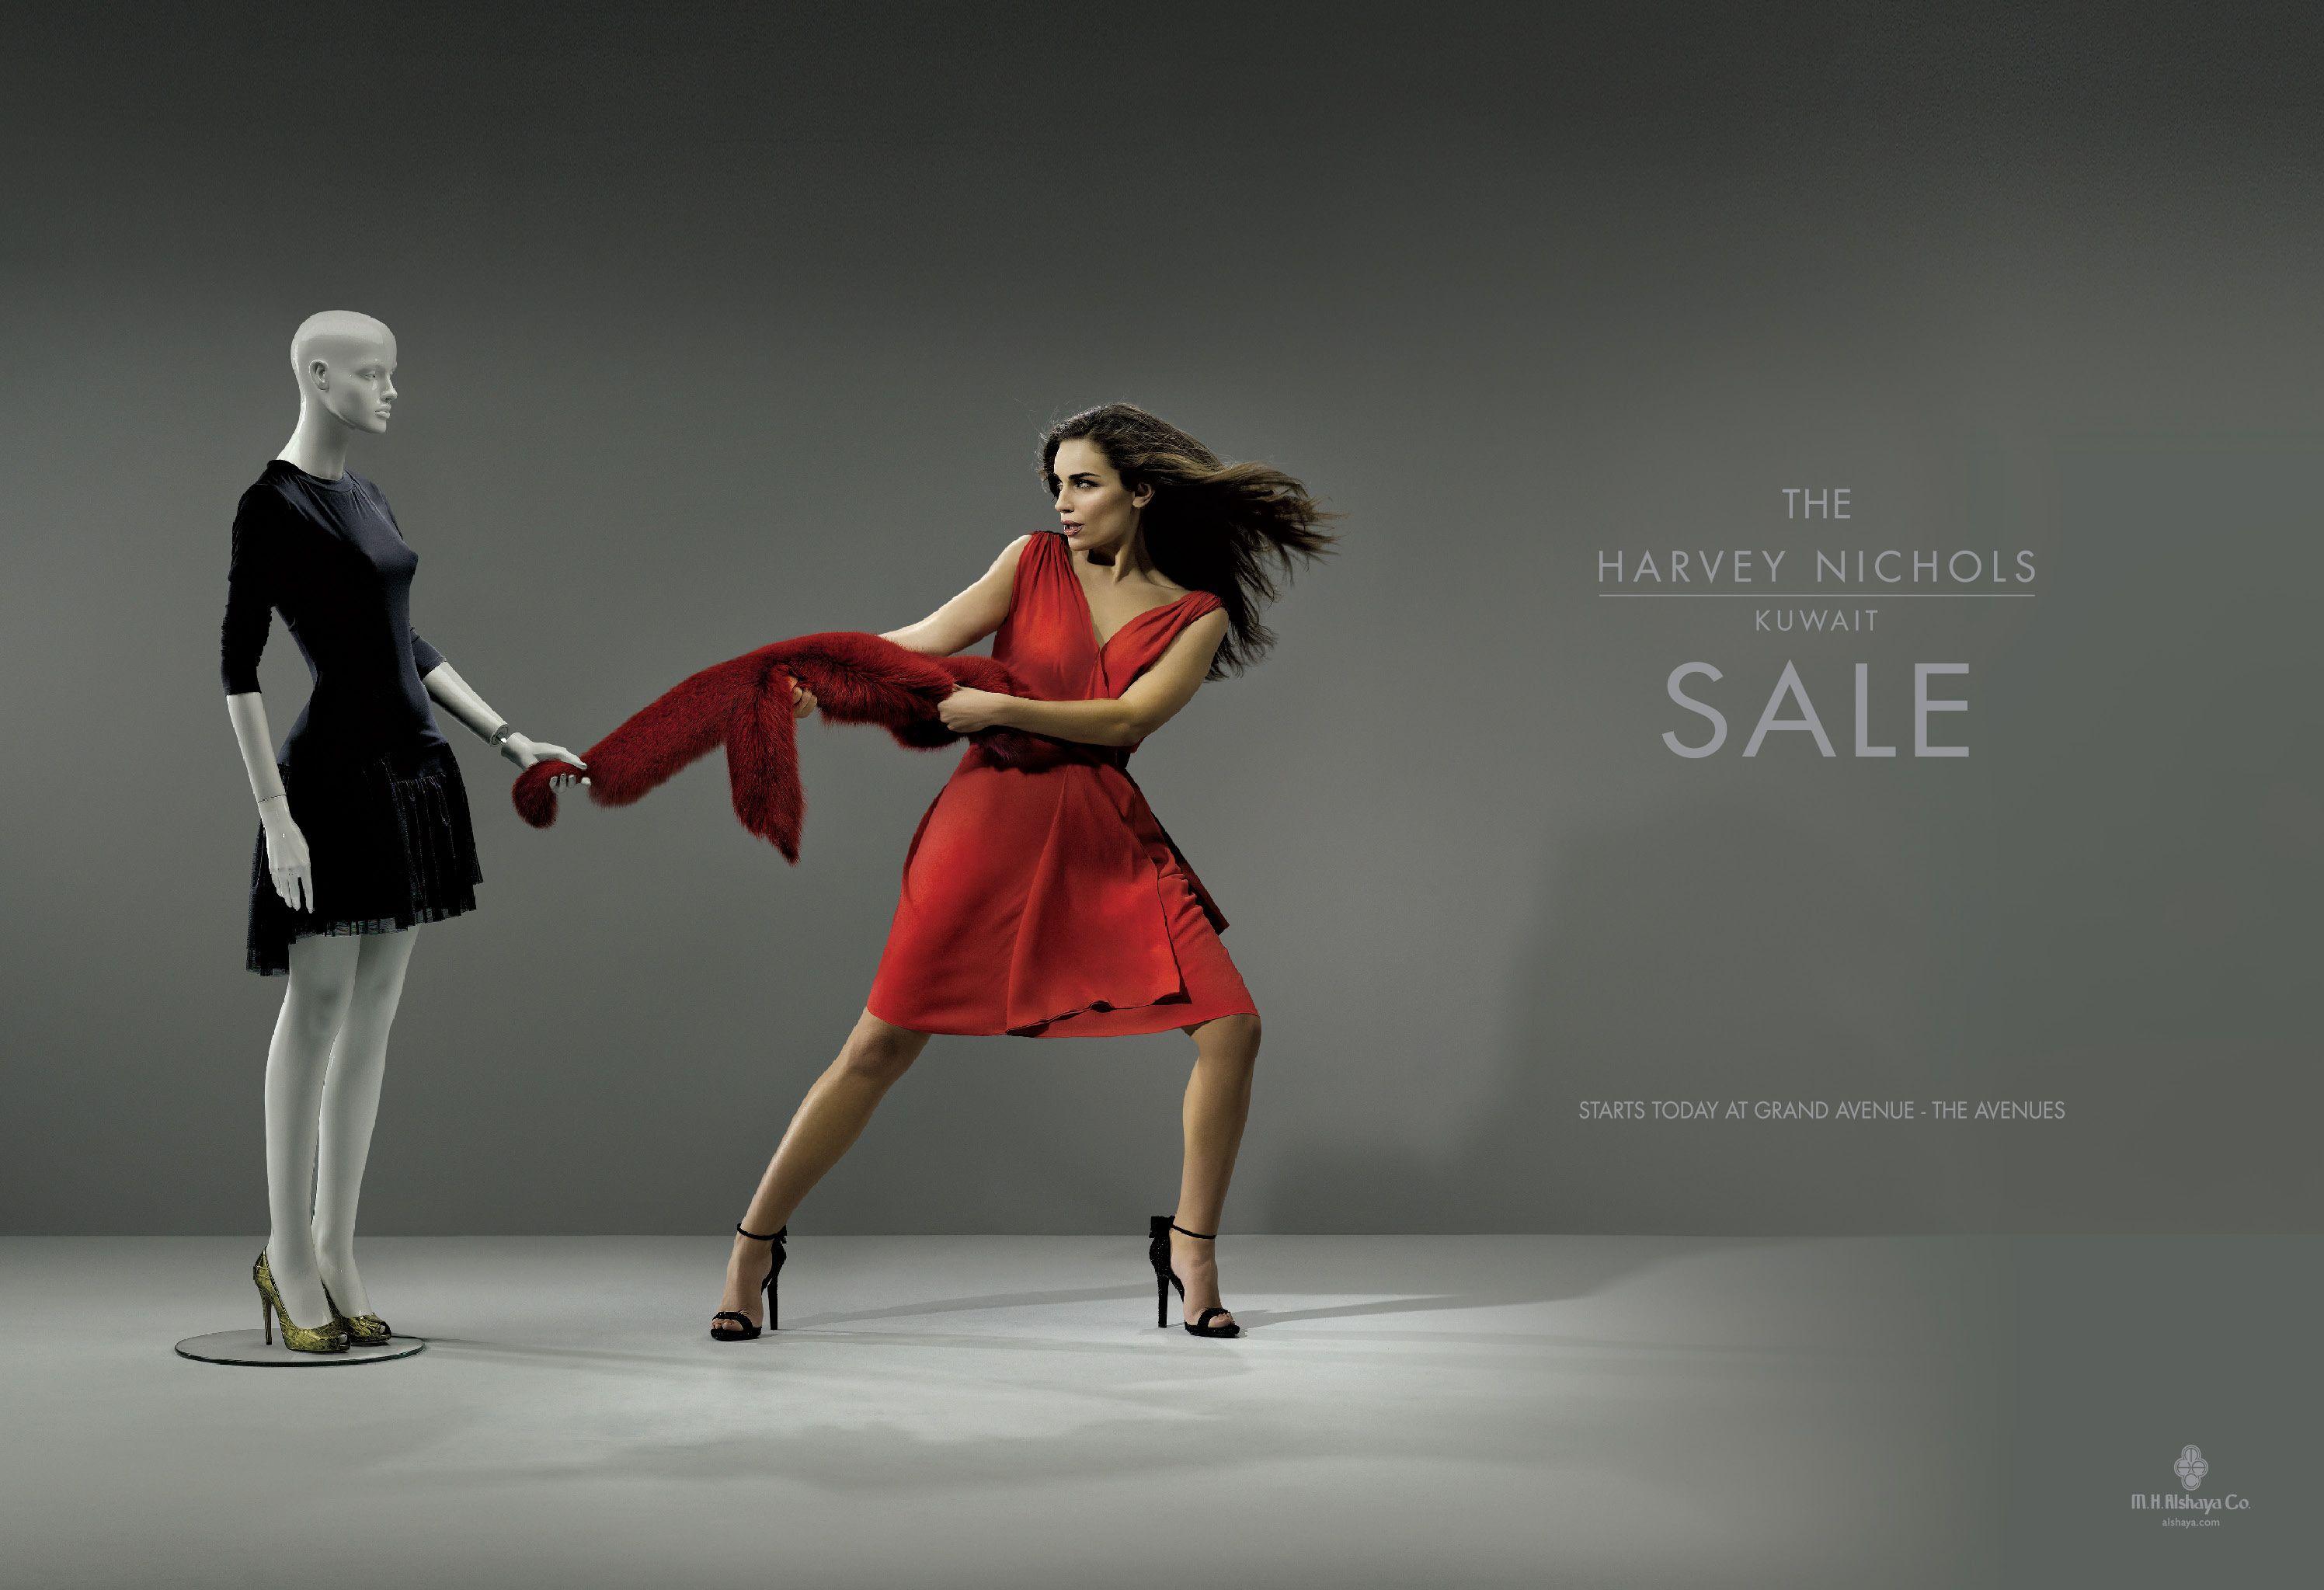 Креативная Реклама Магазина Одежды